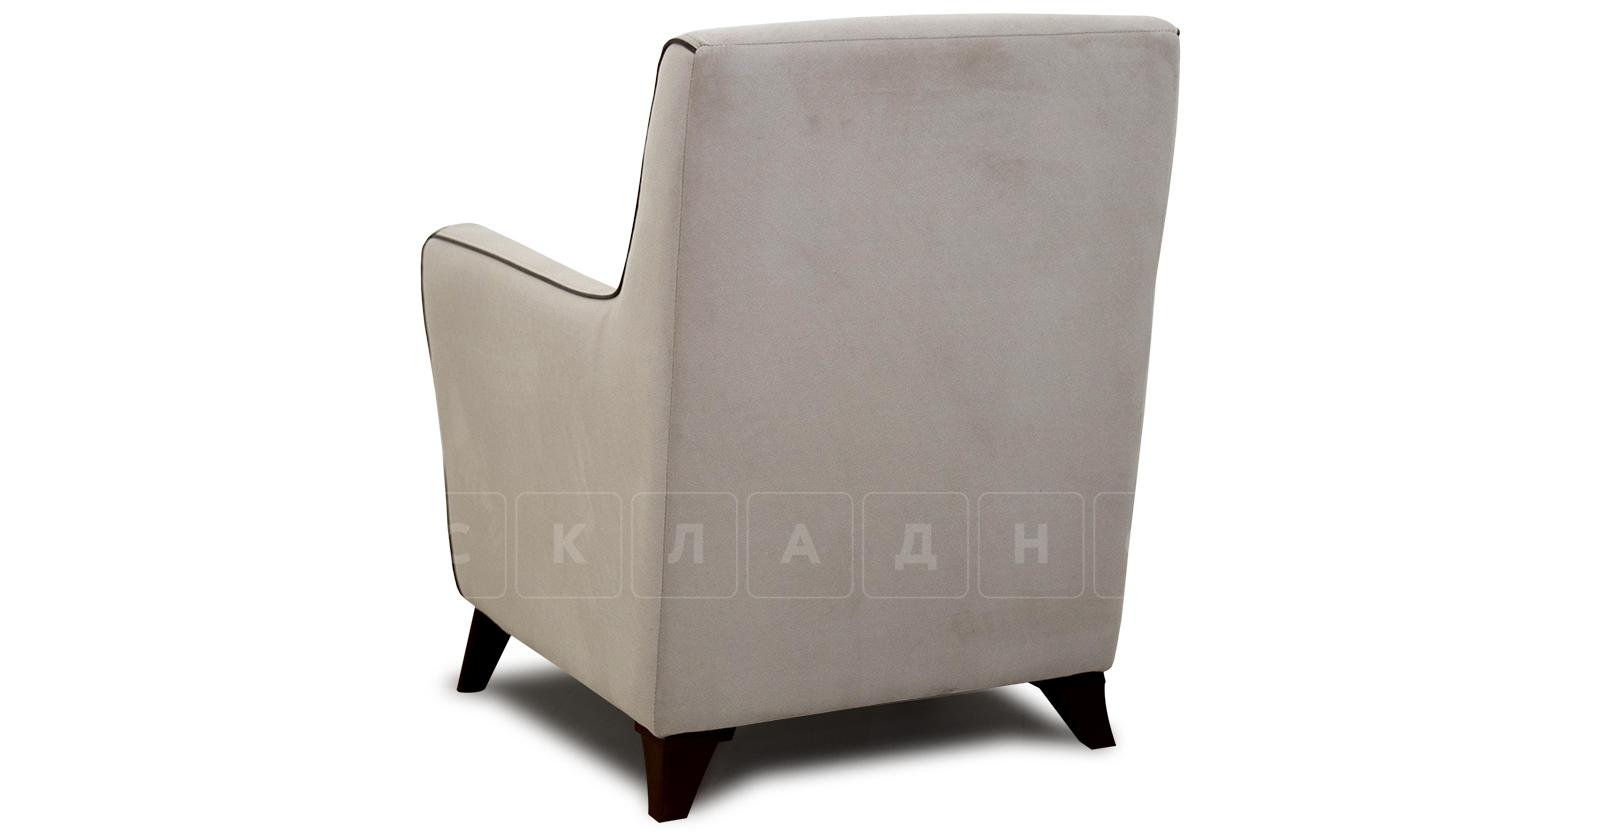 Кресло для отдыха Флэтфорд серо-бежевый фото 4 | интернет-магазин Складно